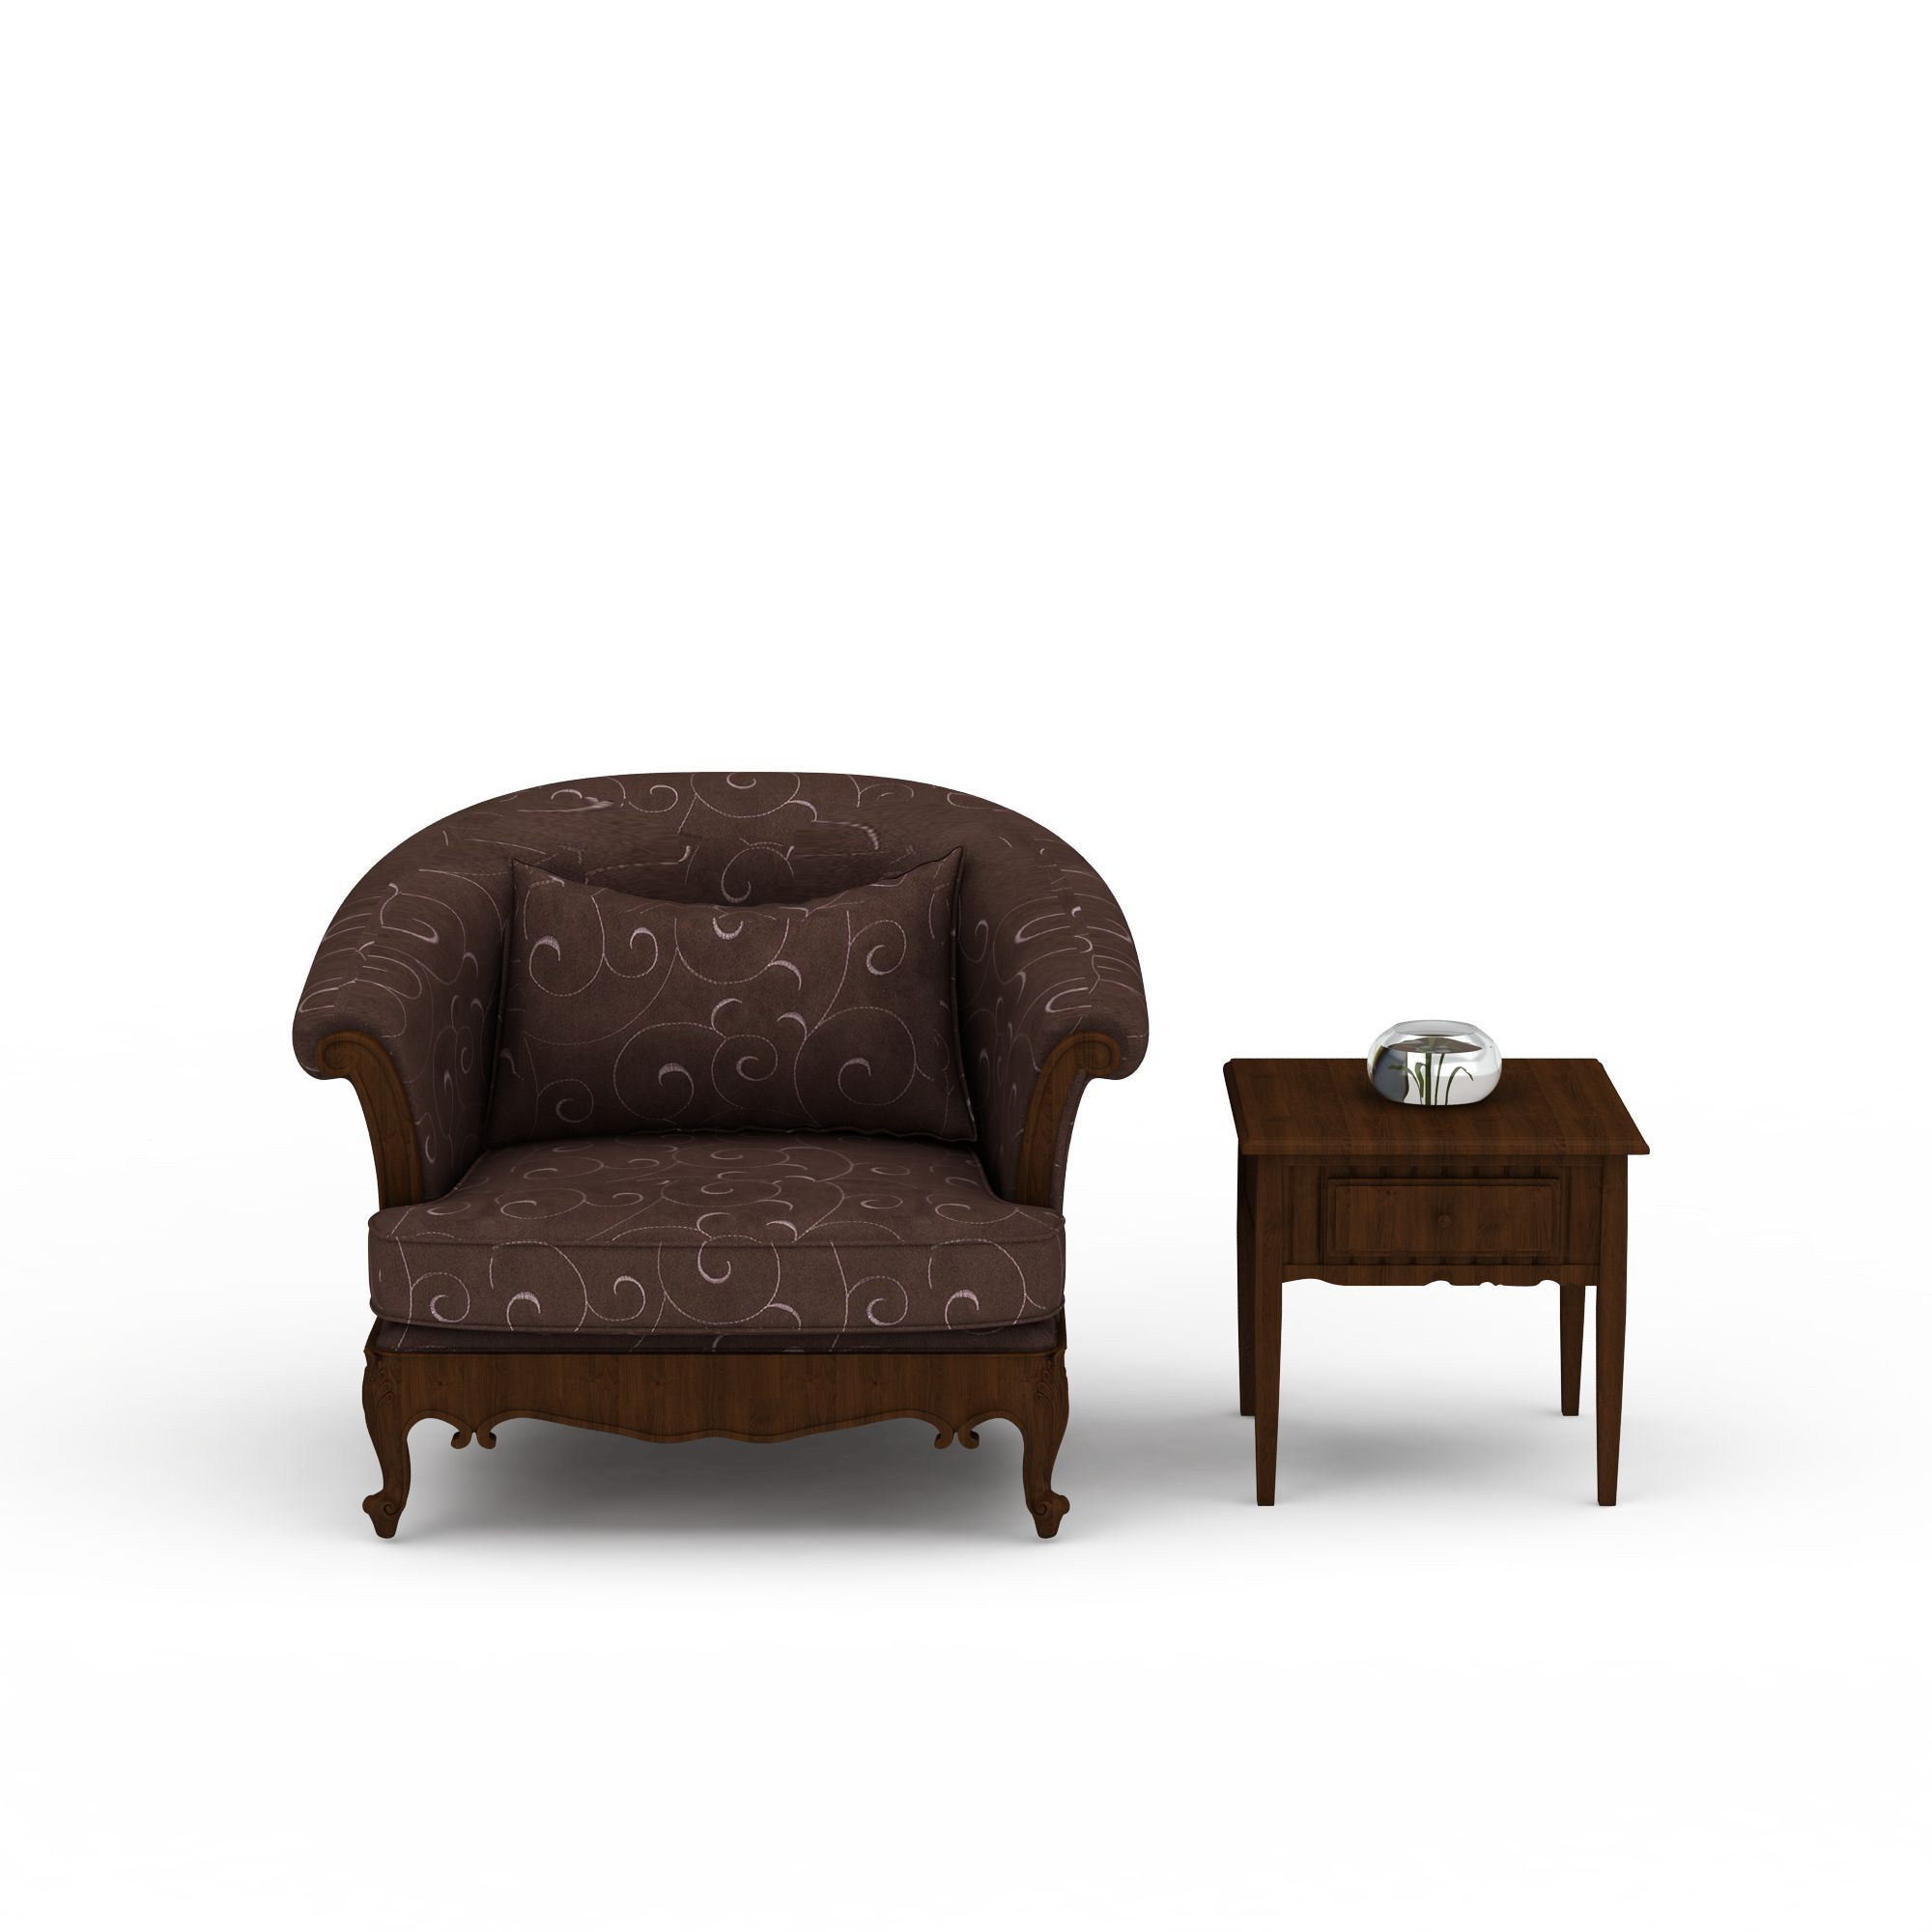 单人沙发茶几组合图片_单人沙发茶几组合png图片素材